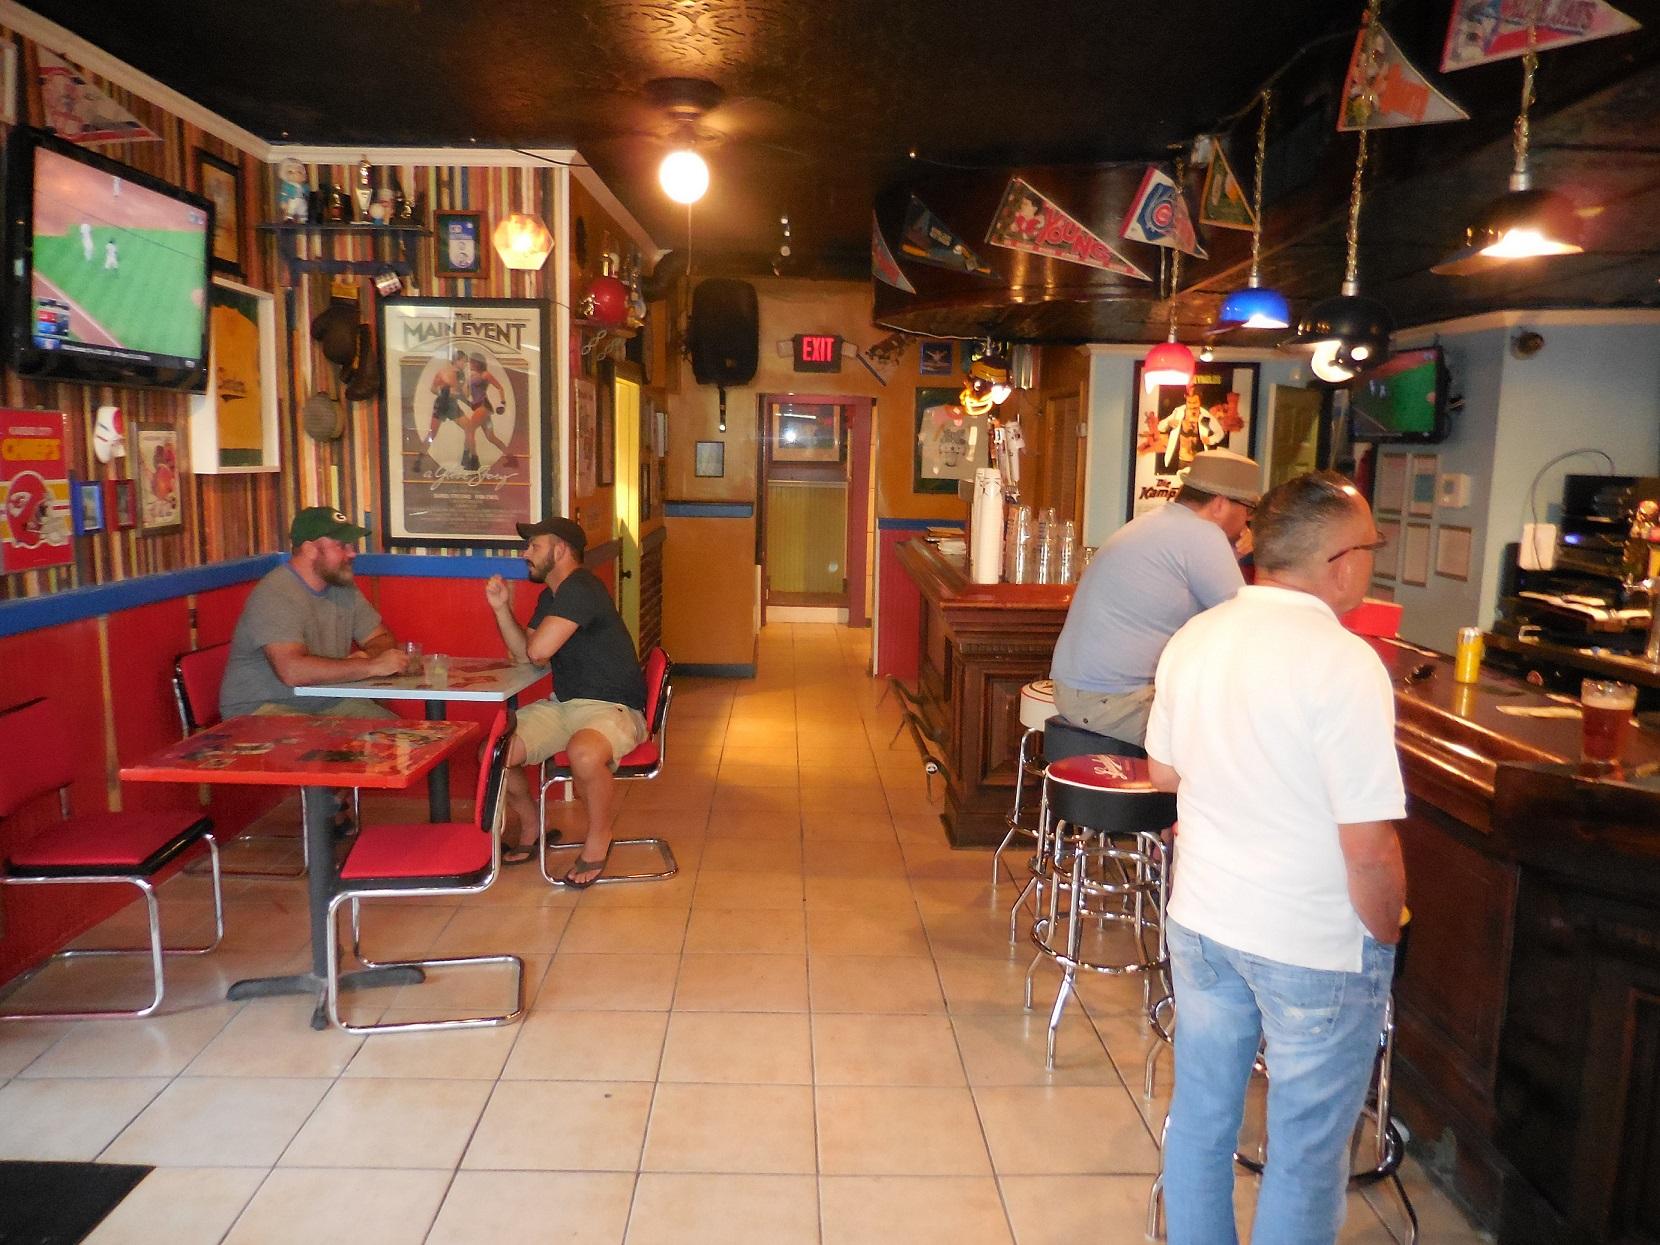 16 Best Bars in Kansas City 2016